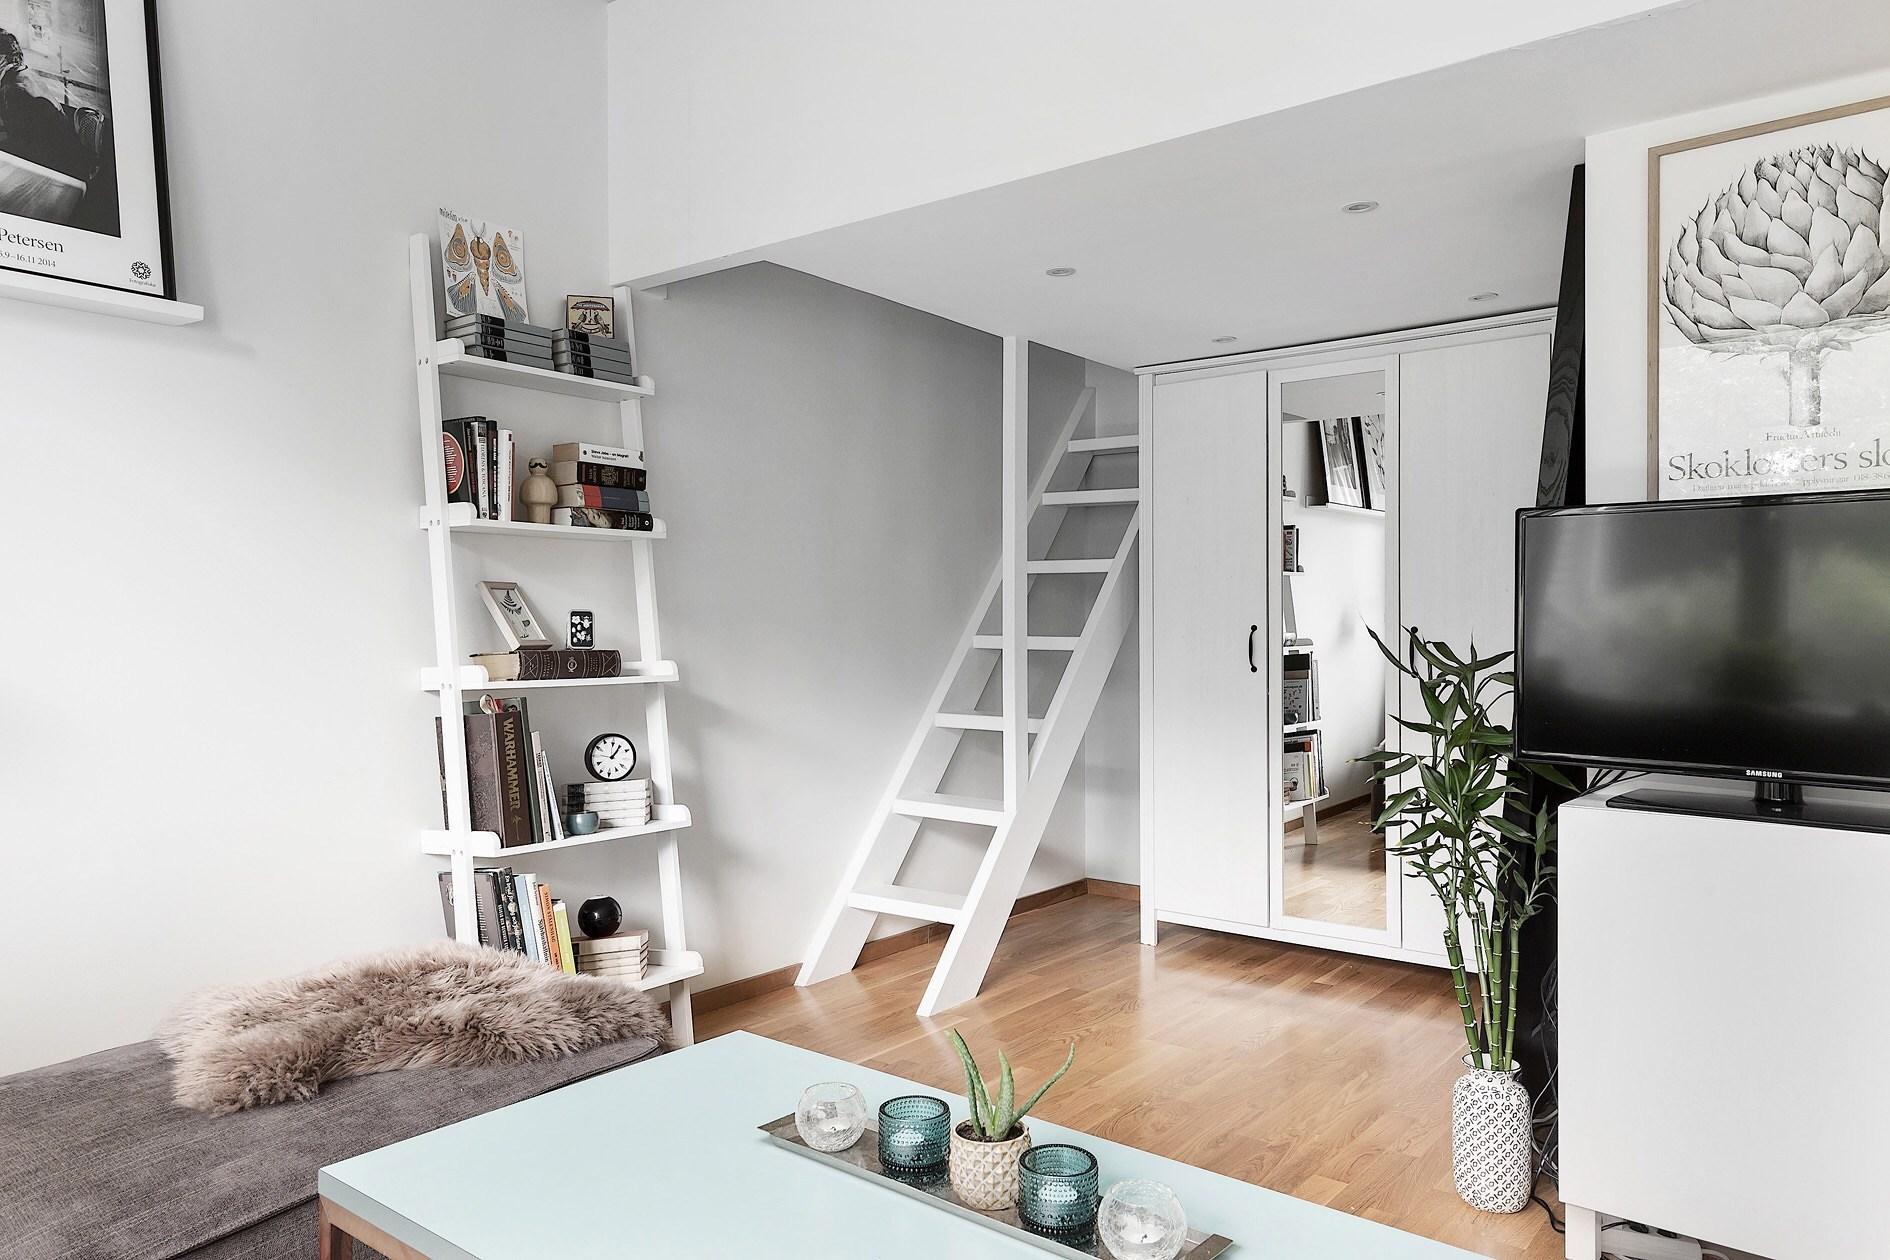 Căn hộ 40m² rộng thênh  thang với đủ các góc chức năng dành cho gia đình trẻ - Ảnh 1.